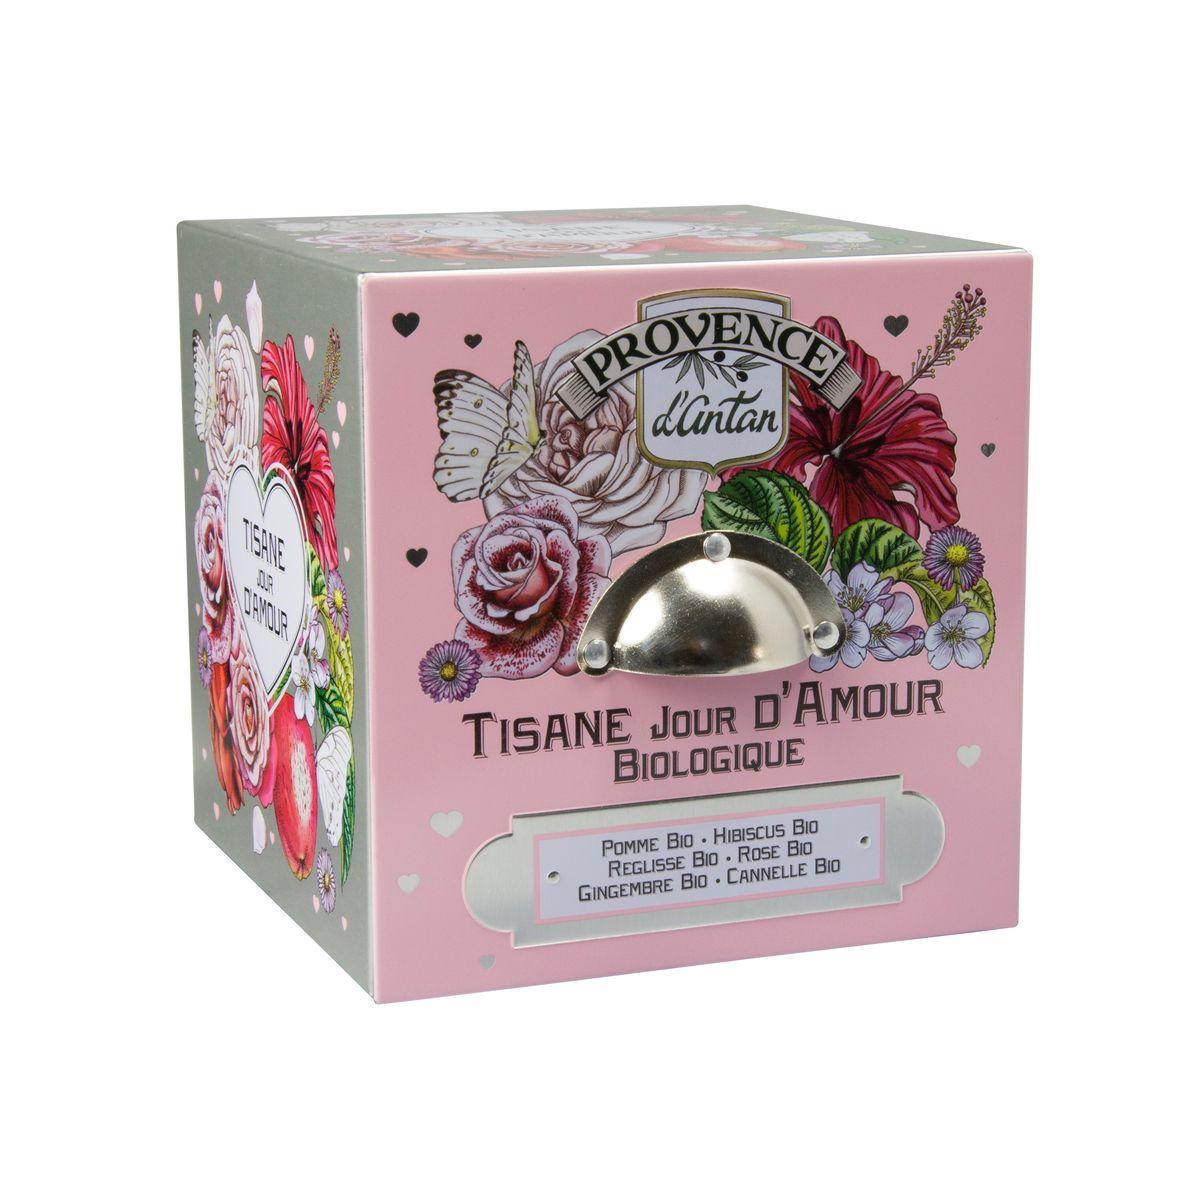 Tisane bio Jour d´amour 60g - Provence d´Antan